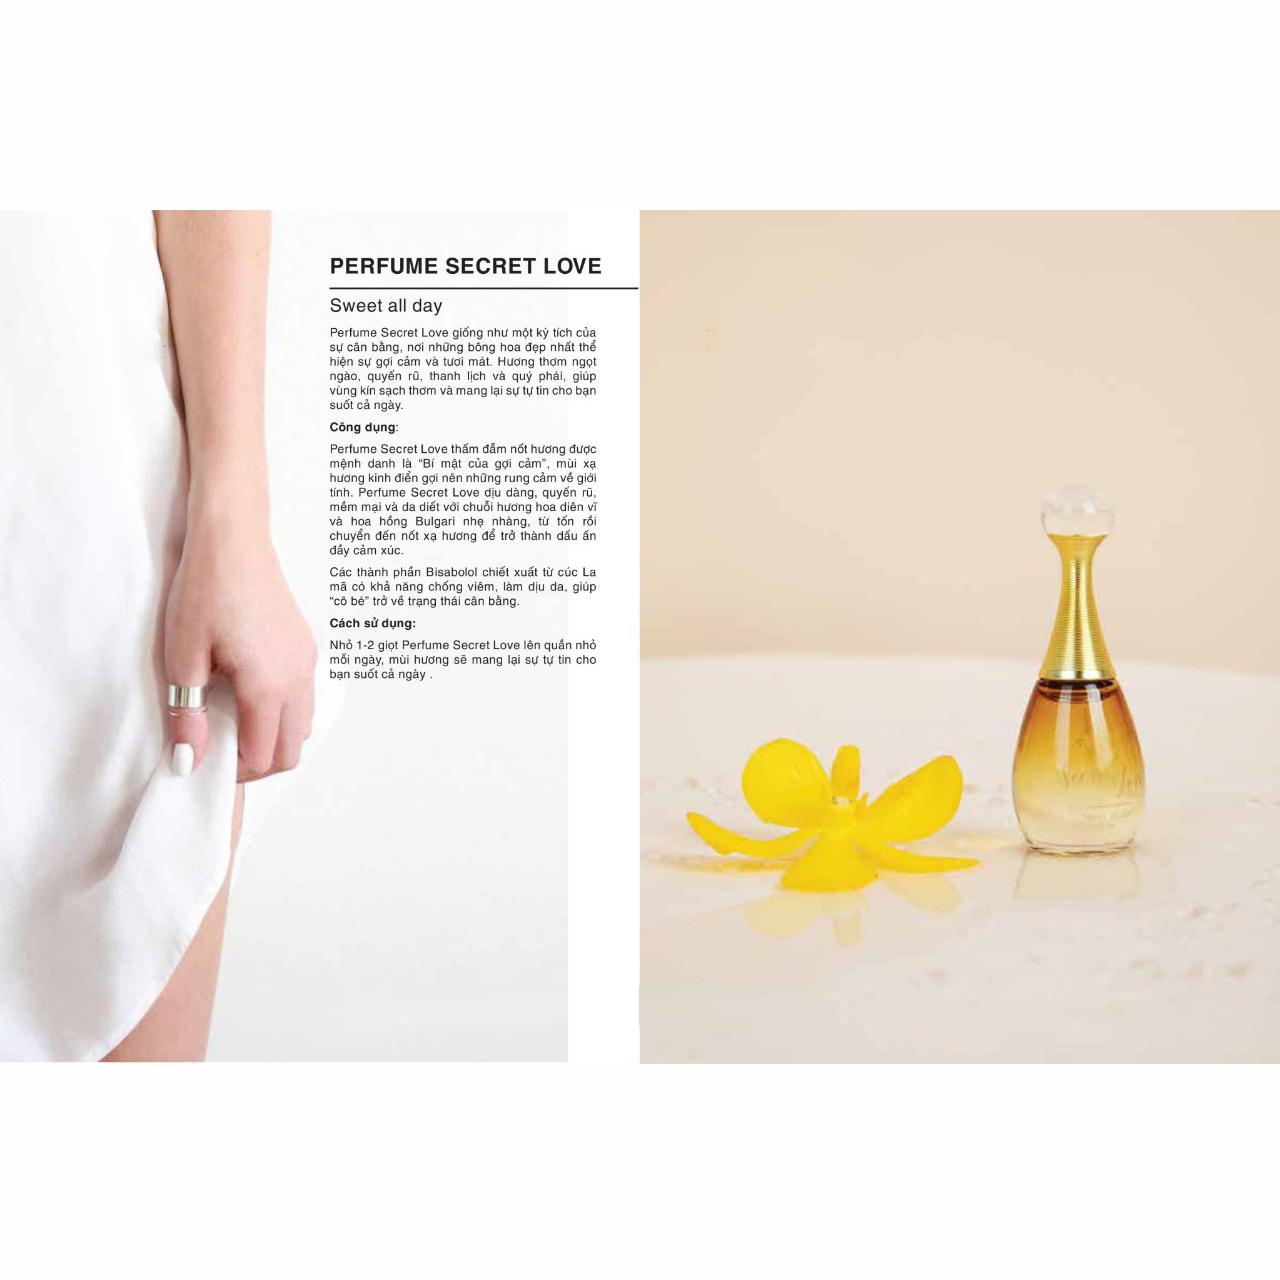 Nước hoa vùng kín Perfume Secret Love Sweet All Day 5ml - Lưu hương suốt 8 giờ đồng hồ